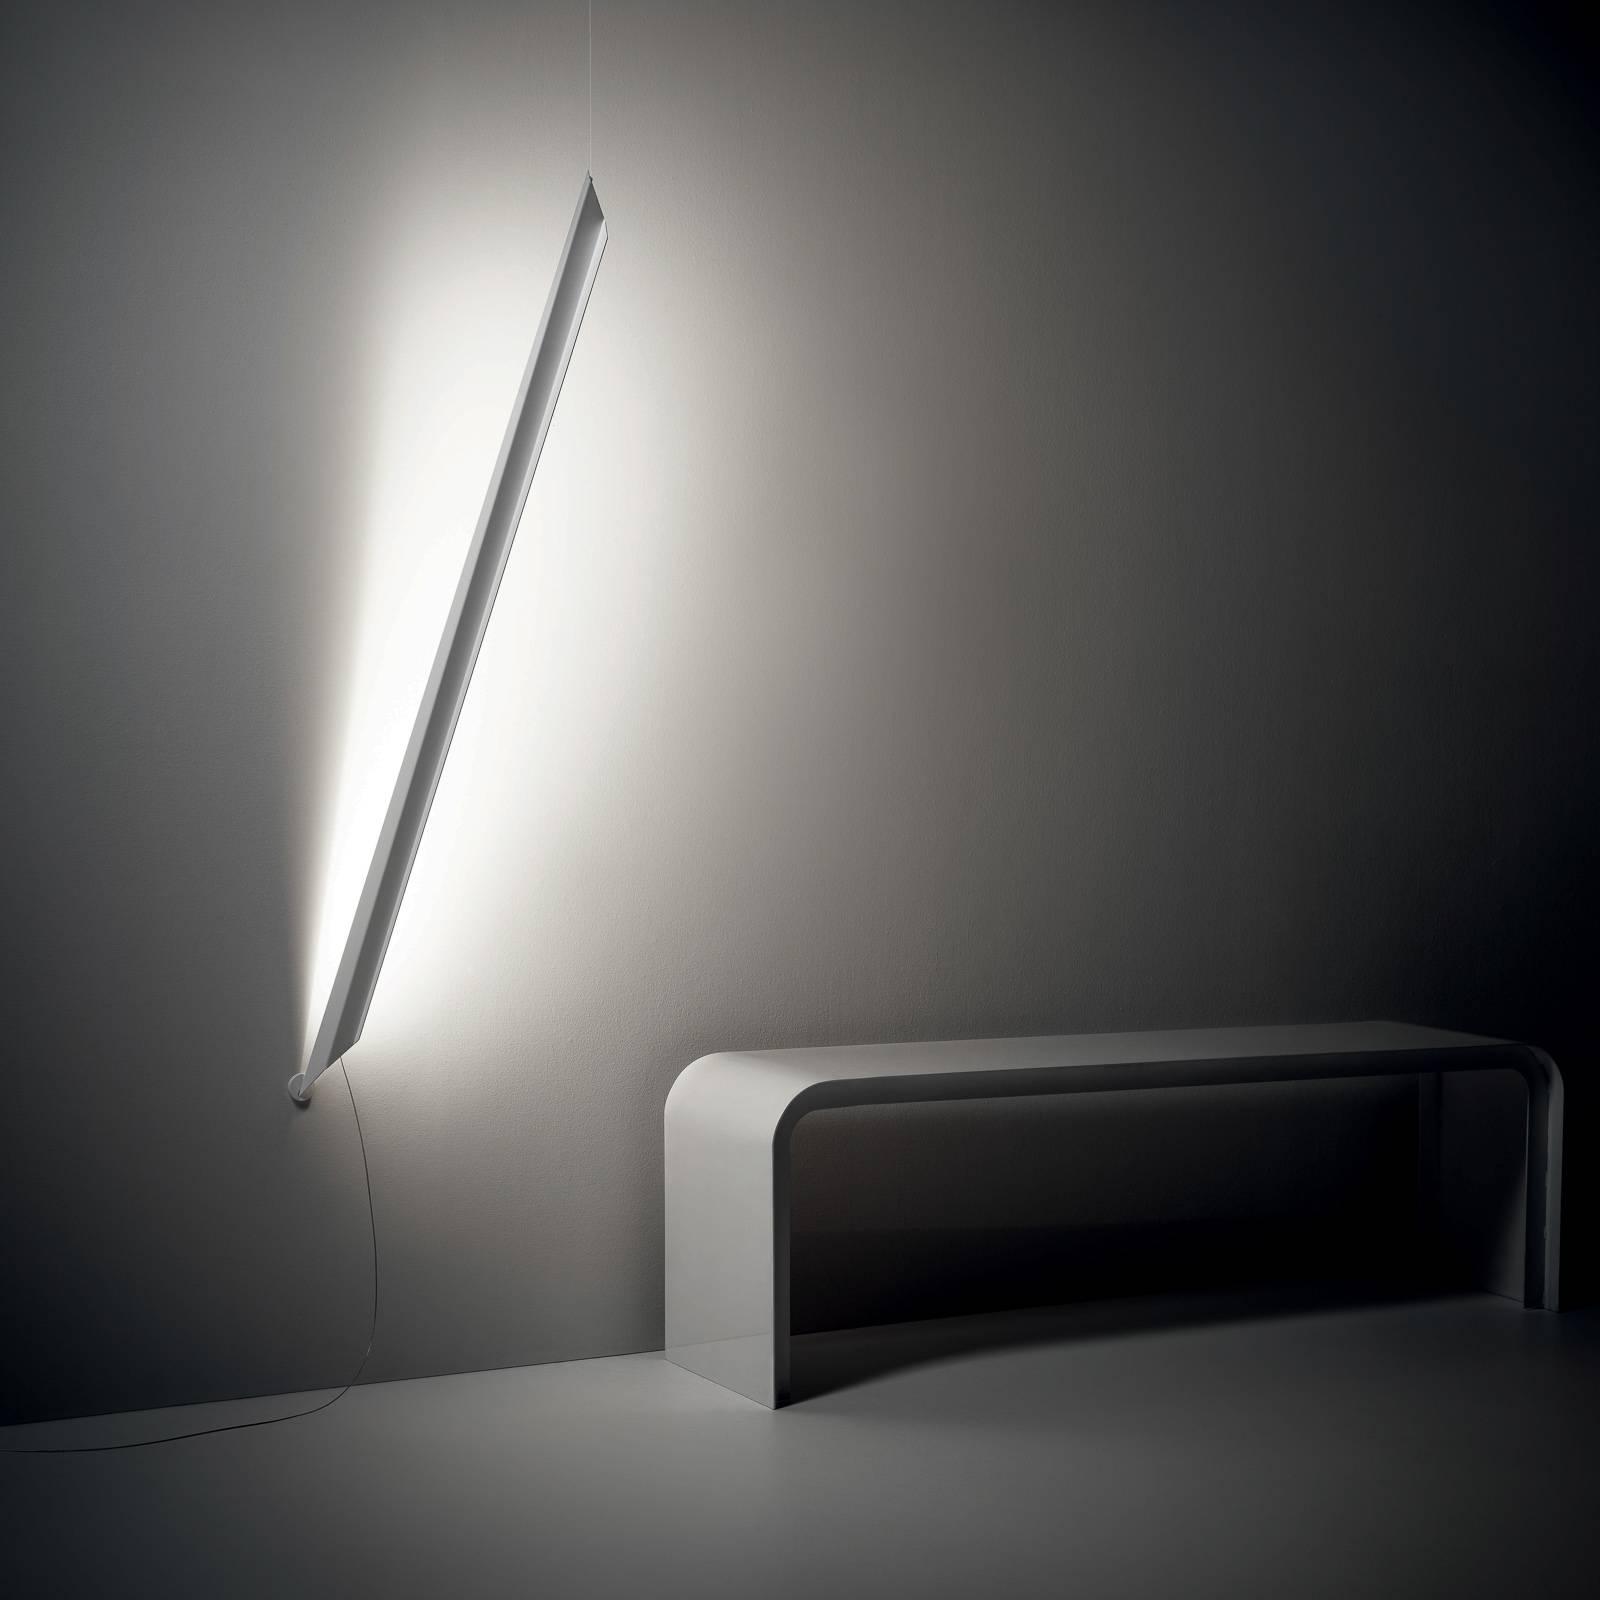 Knikerboker Schegge LED-Wandleuchte, weiß